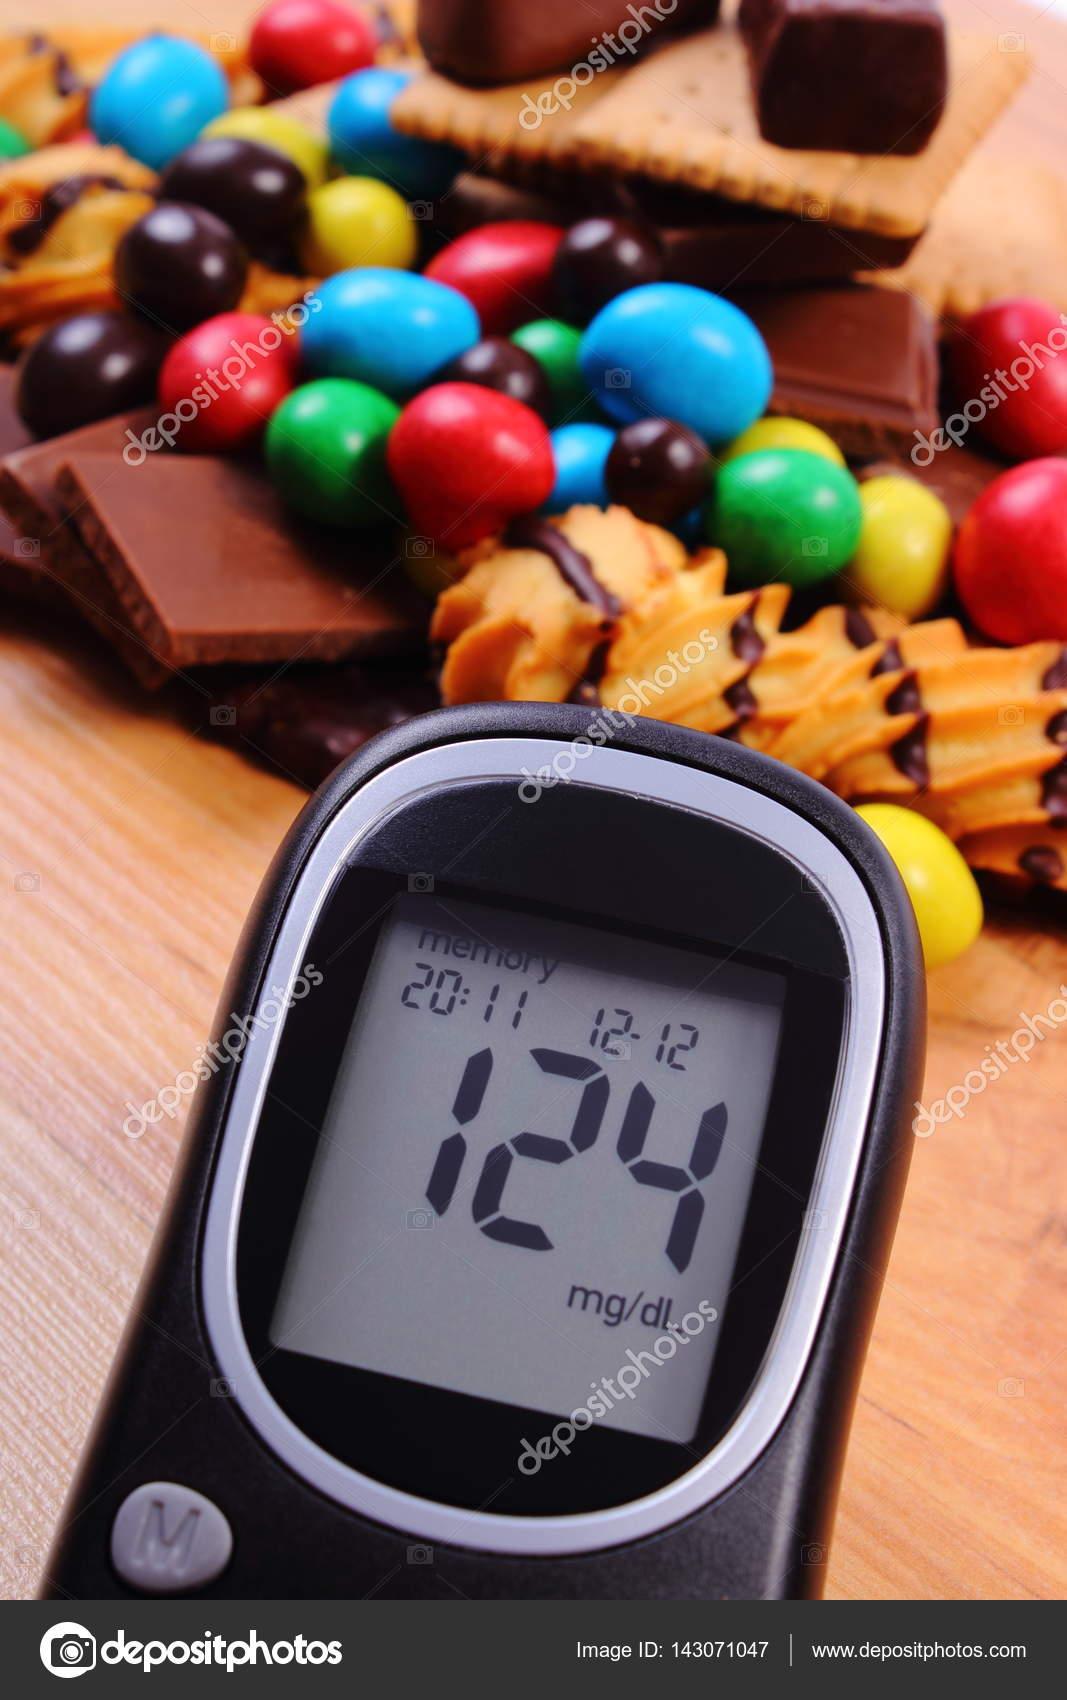 Zuckermessgerät Mit Haufen Von Süßigkeiten Auf Hölzernen Oberfläche